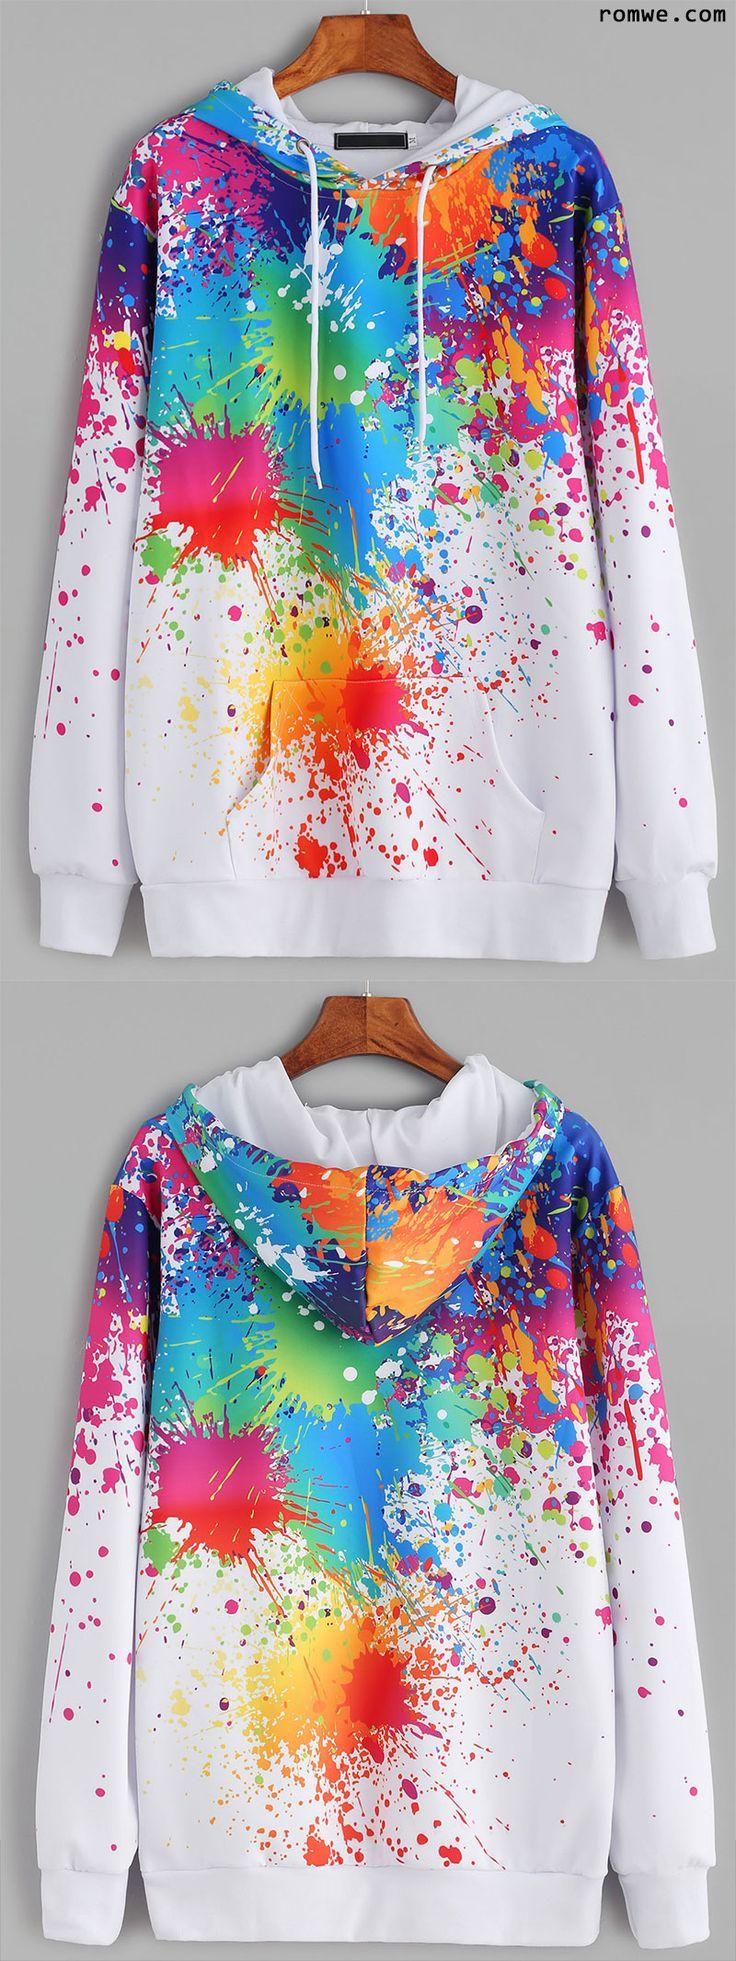 T-Shirt bemalen: DIY Anleitung und 45 coole Beispiele